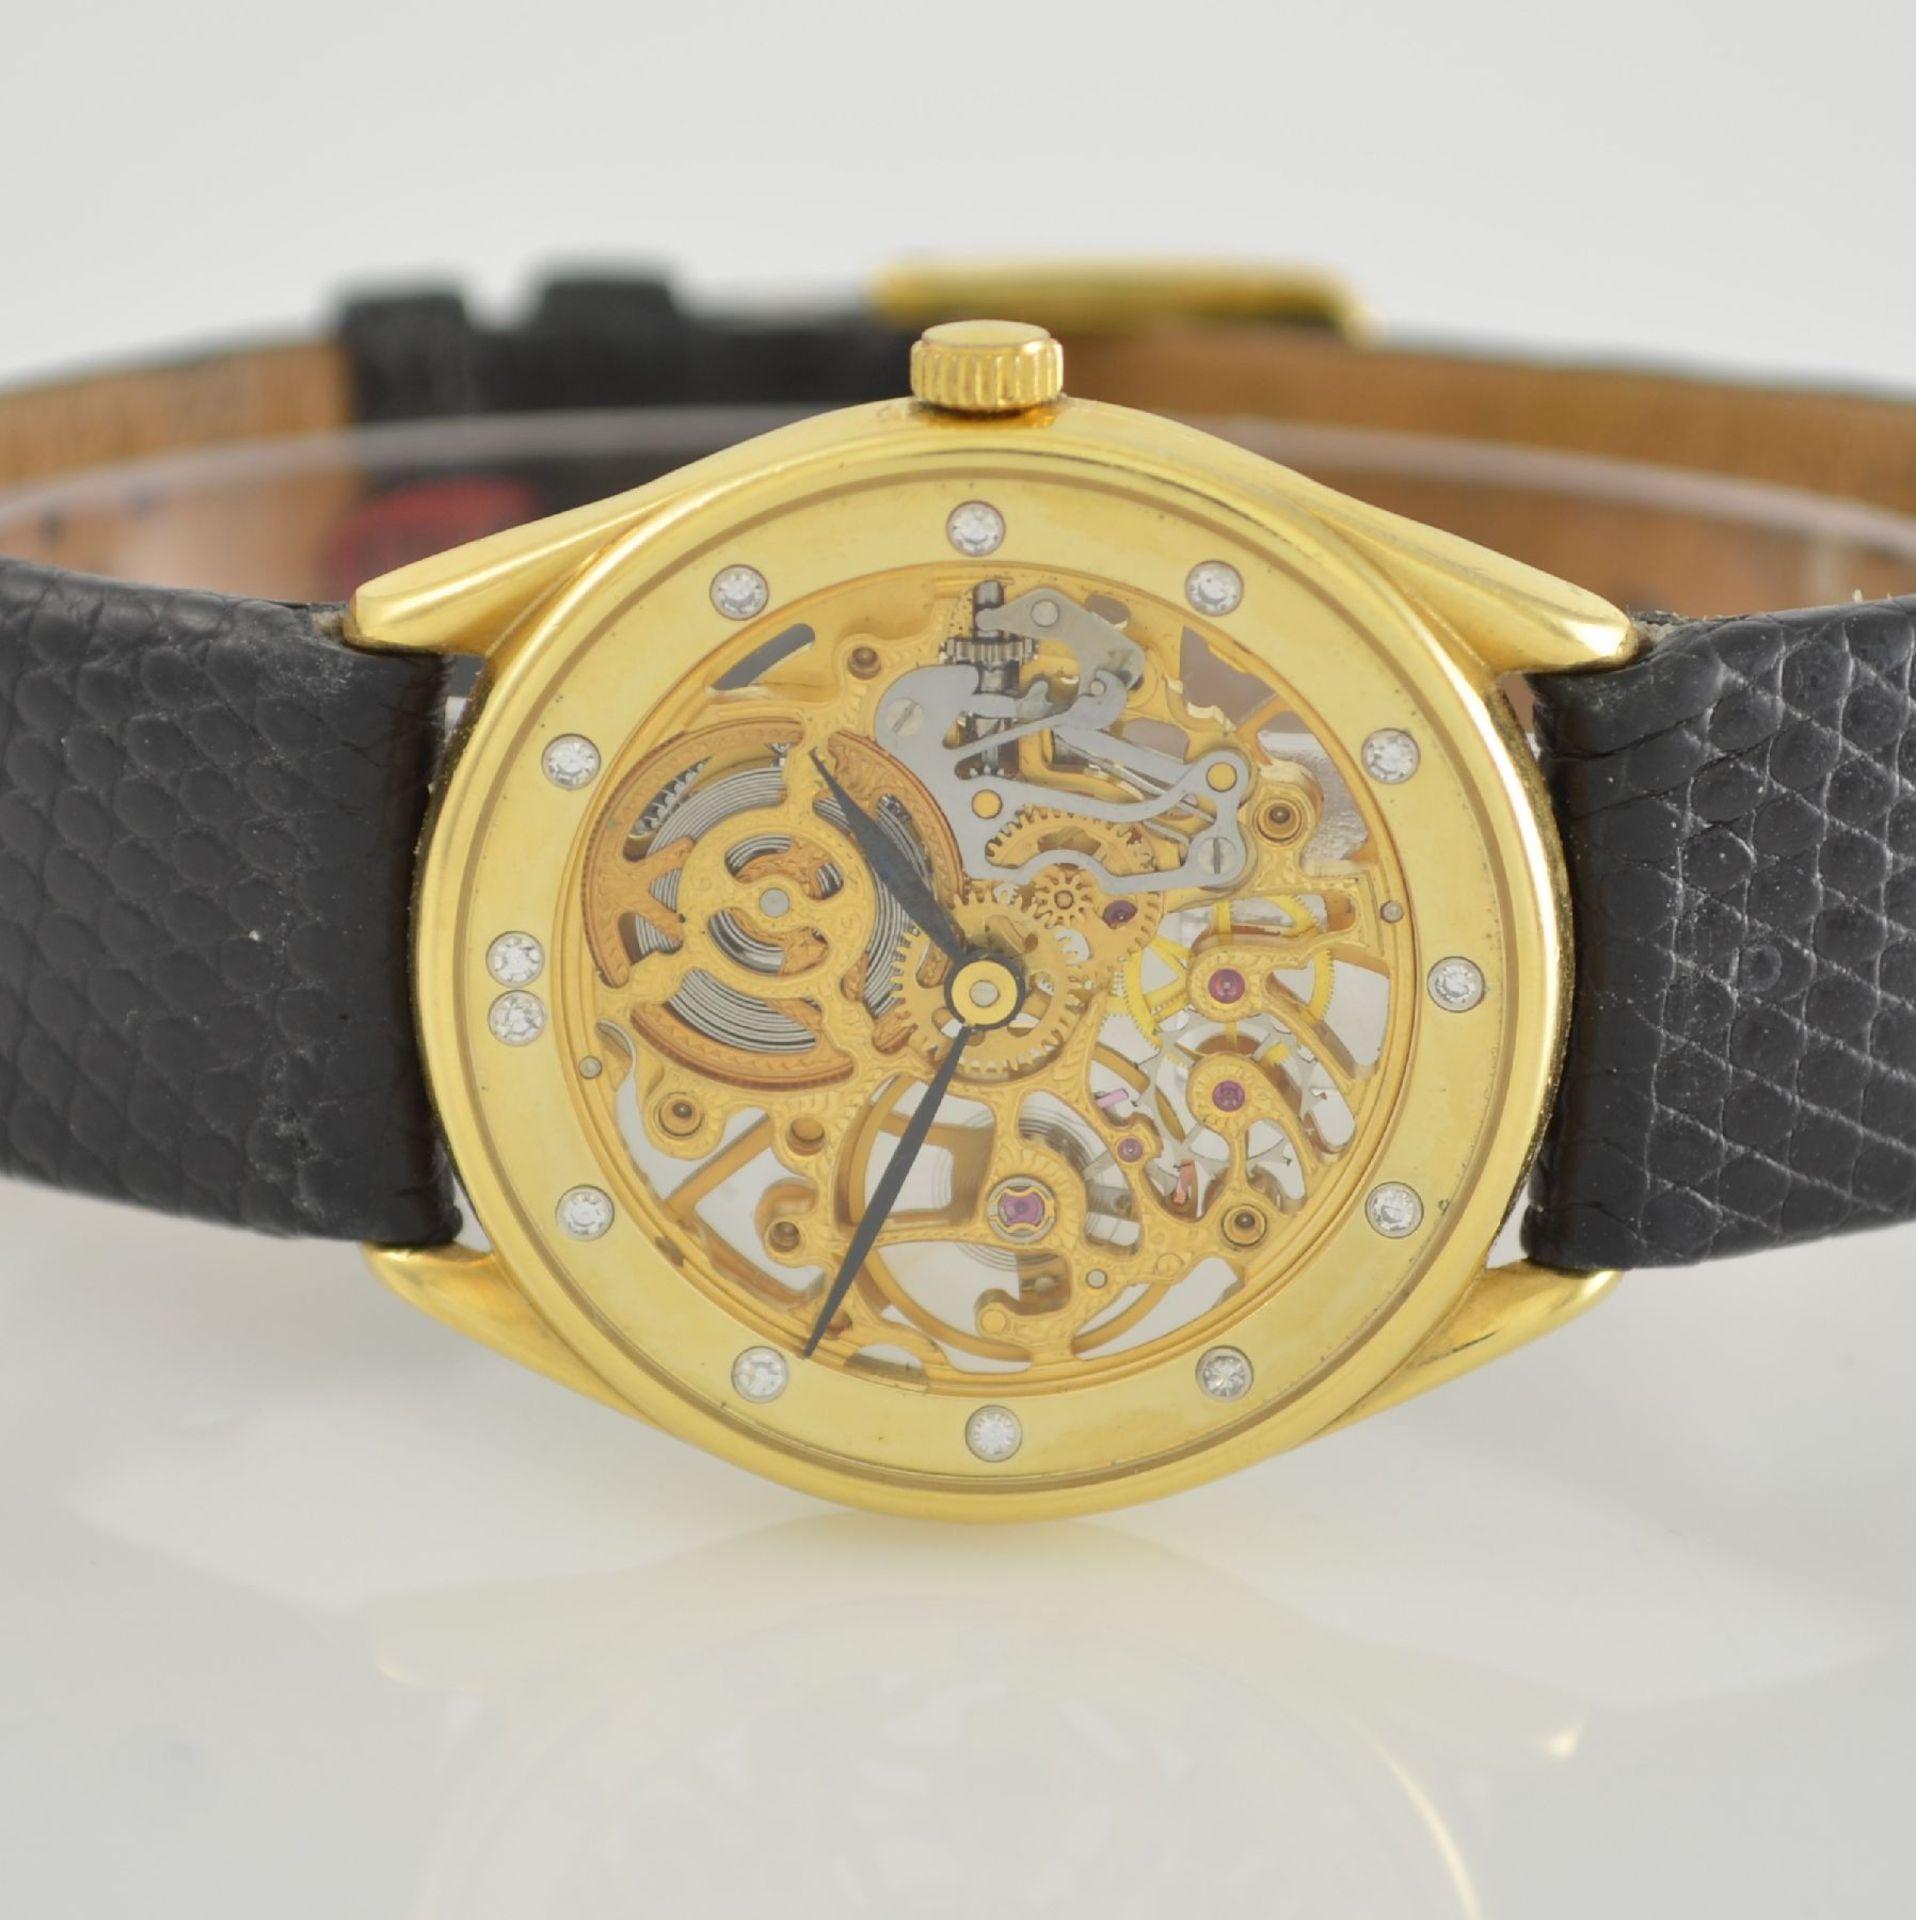 Skelettierte Armbanduhr in GG 750/000, Schweiz 1980er Jahre, Zifferblatt m. 12 Diamant-Indexen, - Bild 2 aus 6